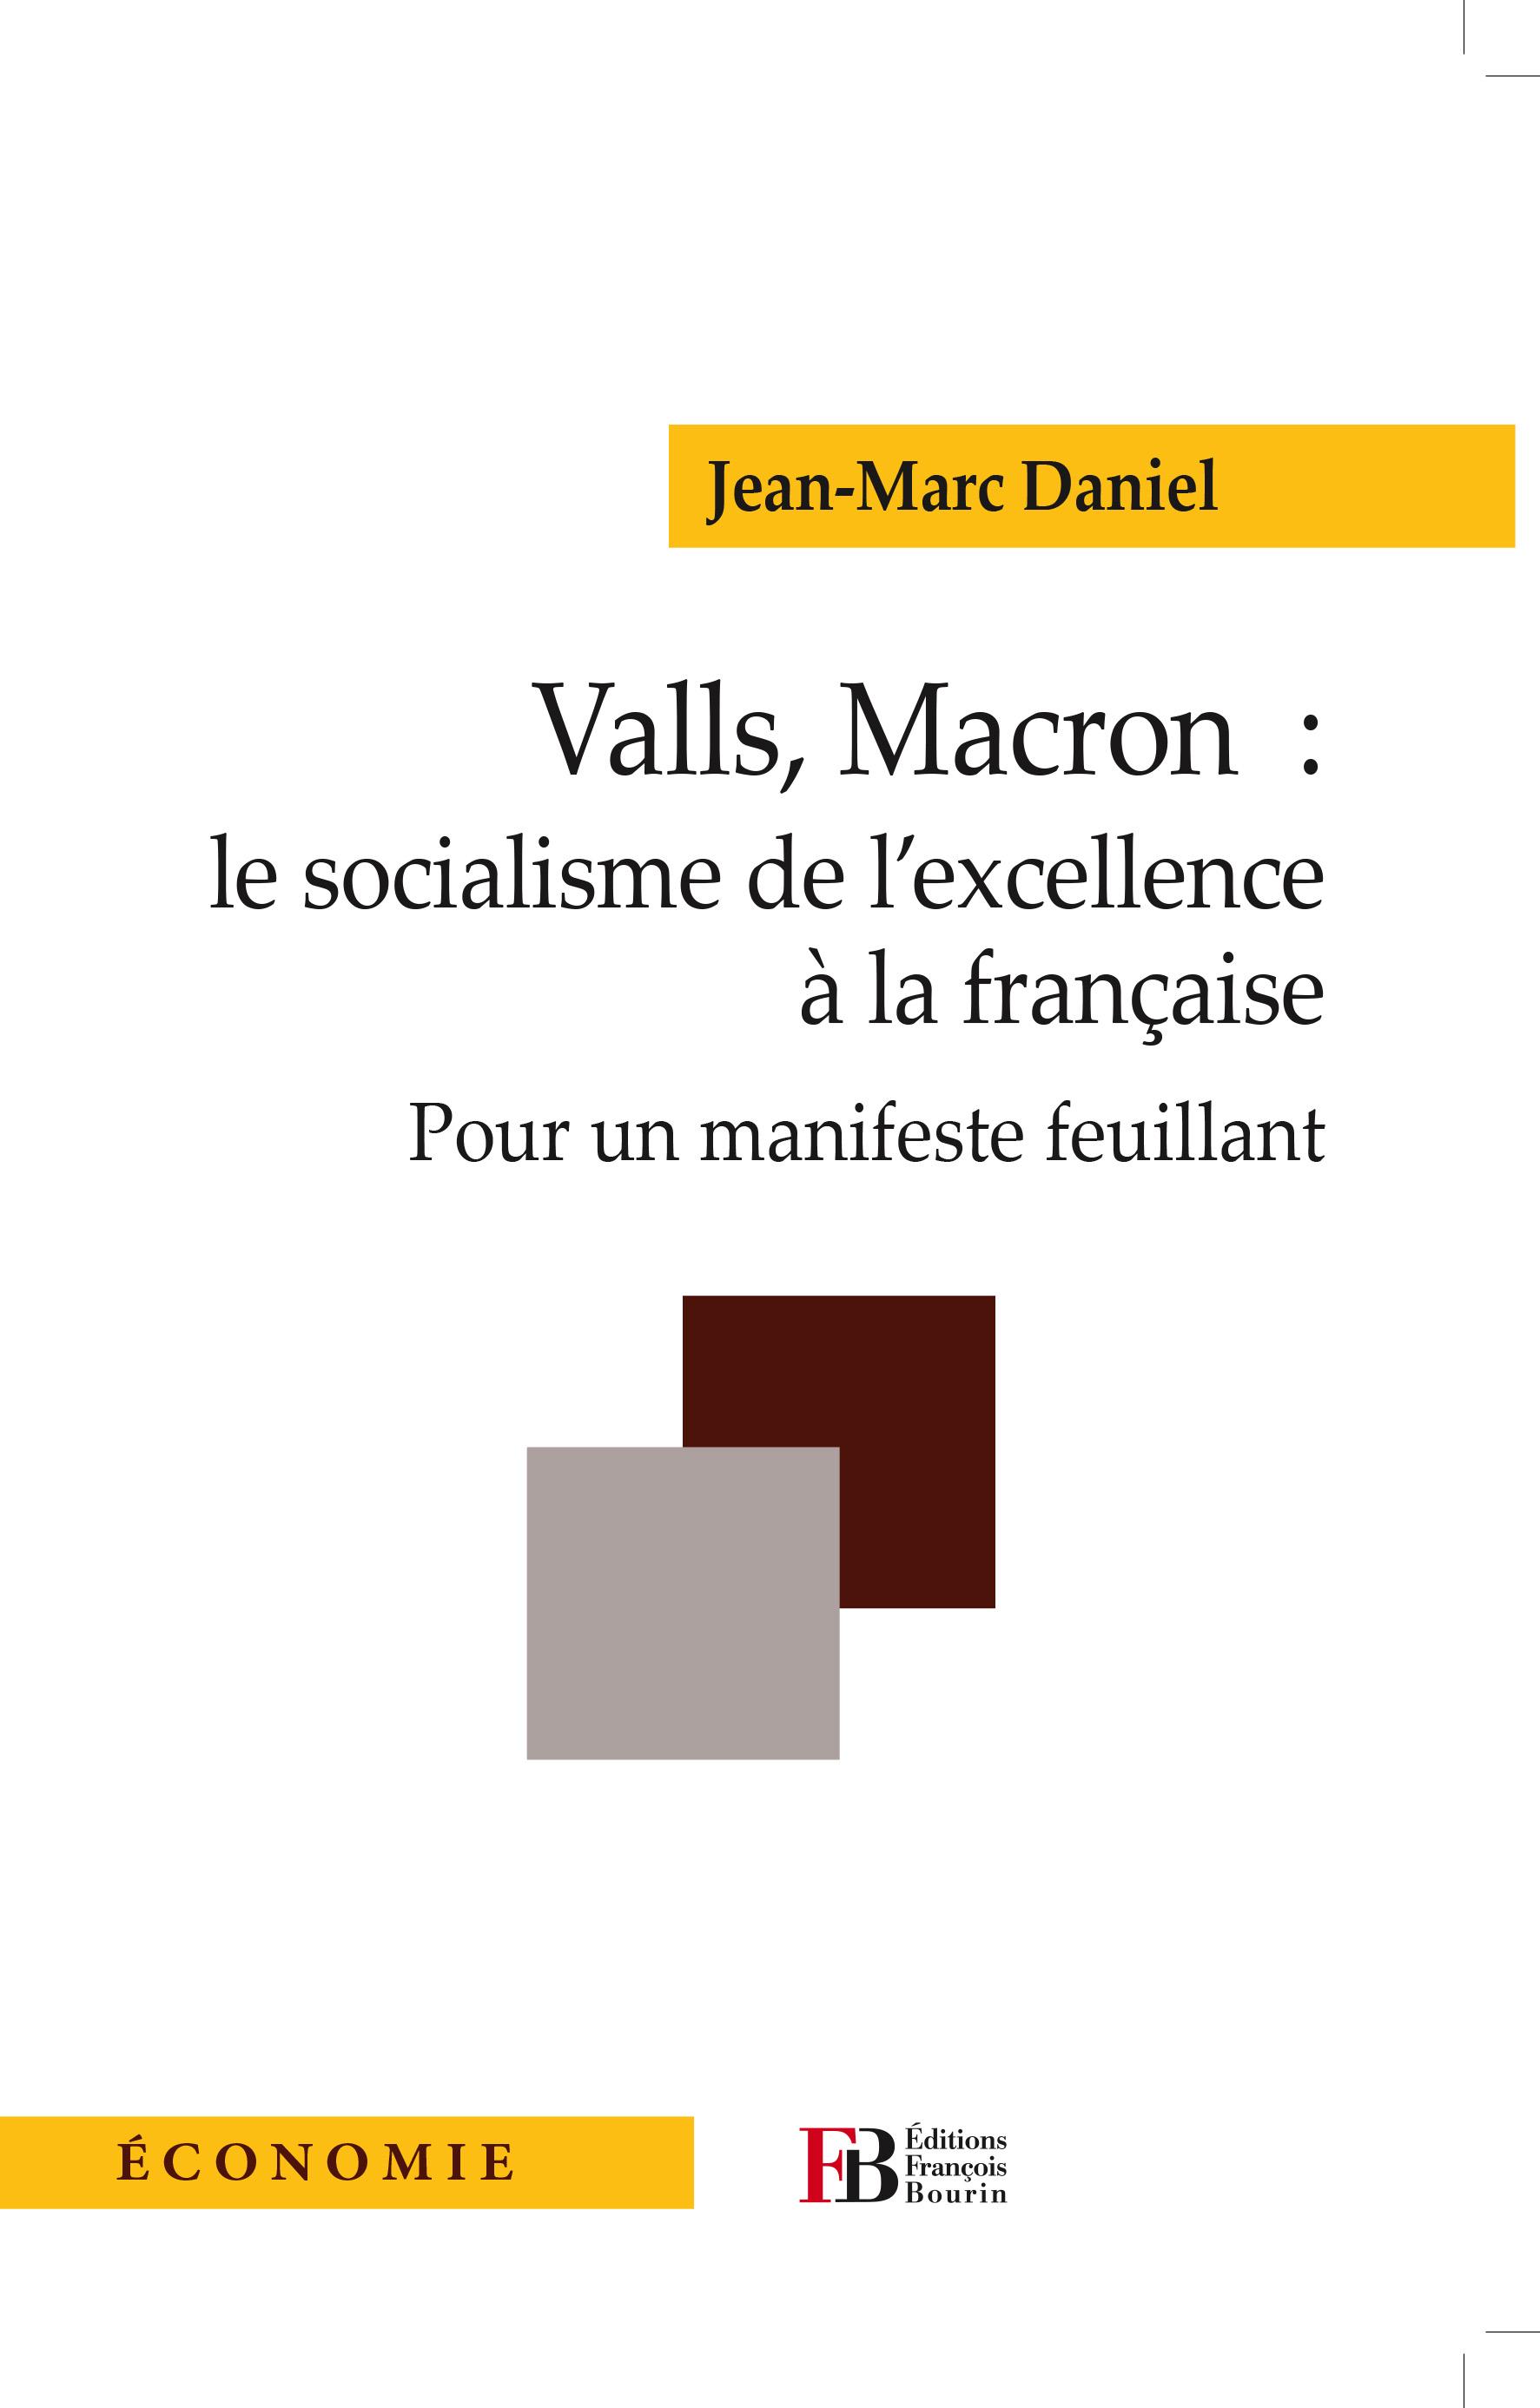 Valls, Macron: le socialisme de l'excellence à la française, Pour un manifeste feuillant